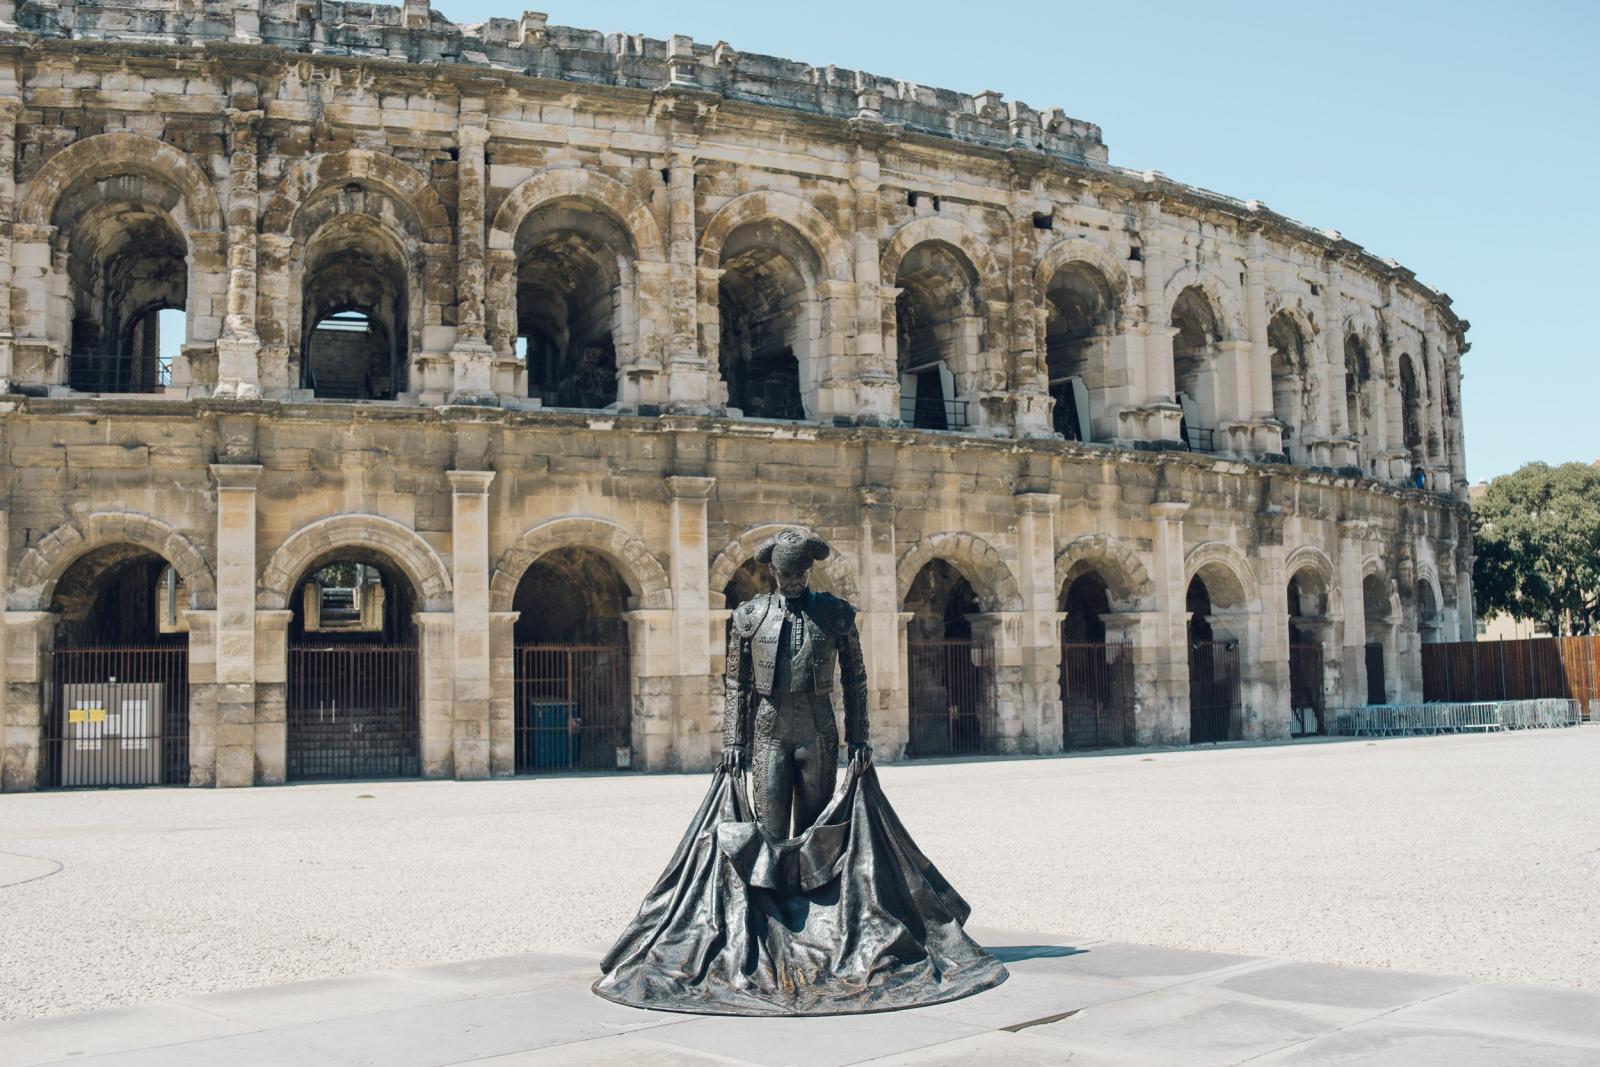 Vue sur la façade des arènes de Nîmes